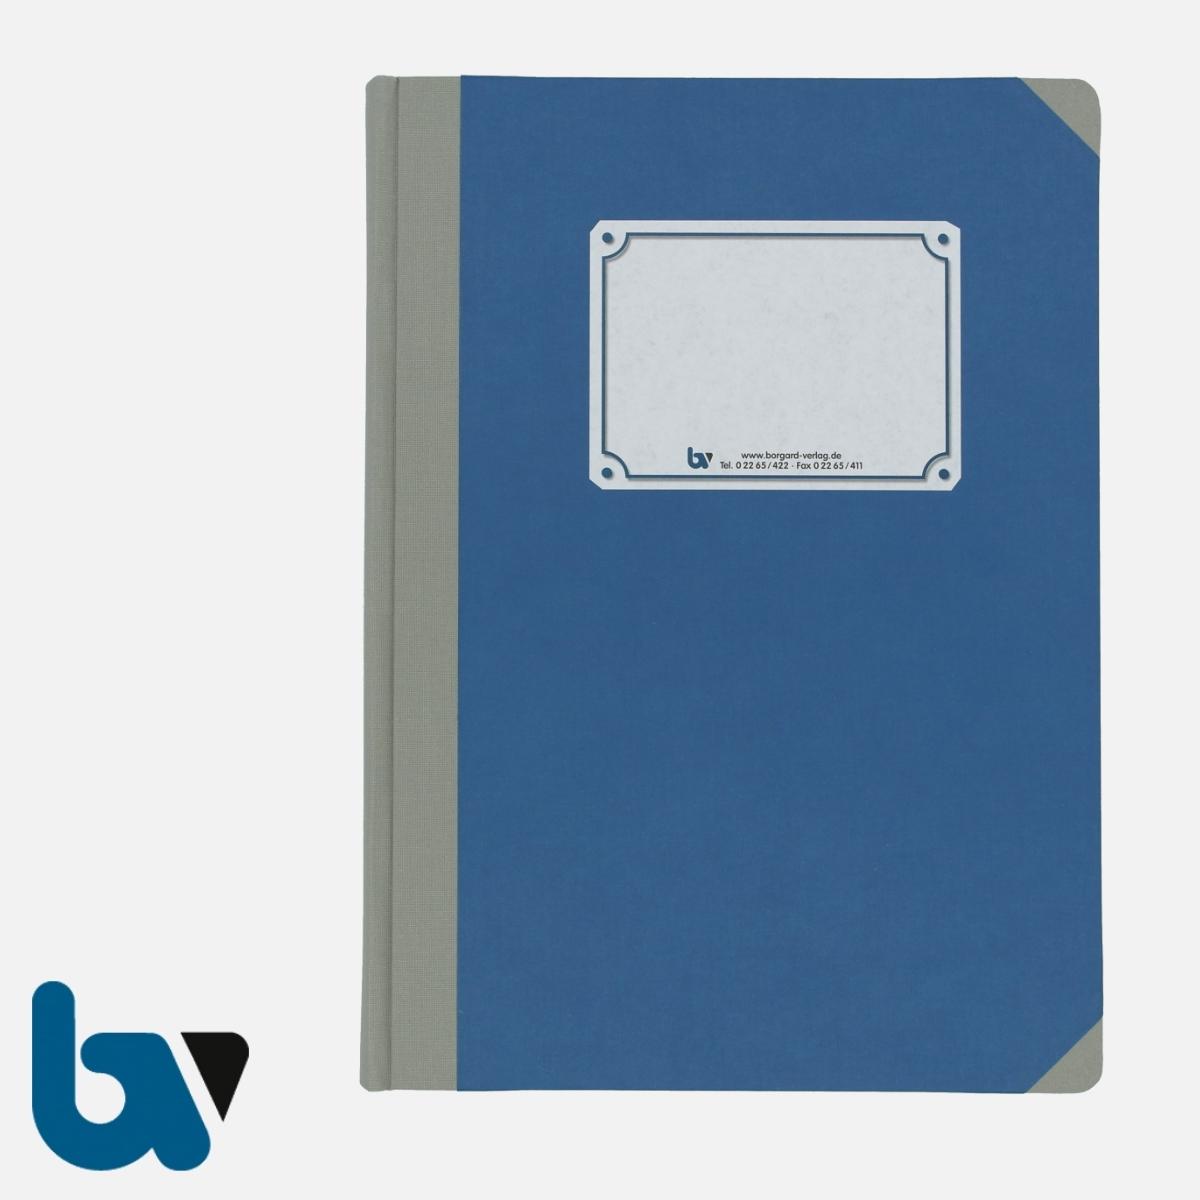 0/457-2 Verzeichnis ausgestellte Fischereischeine Buch gebunden Leinen außen Bild 1 | Borgard Verlag GmbH